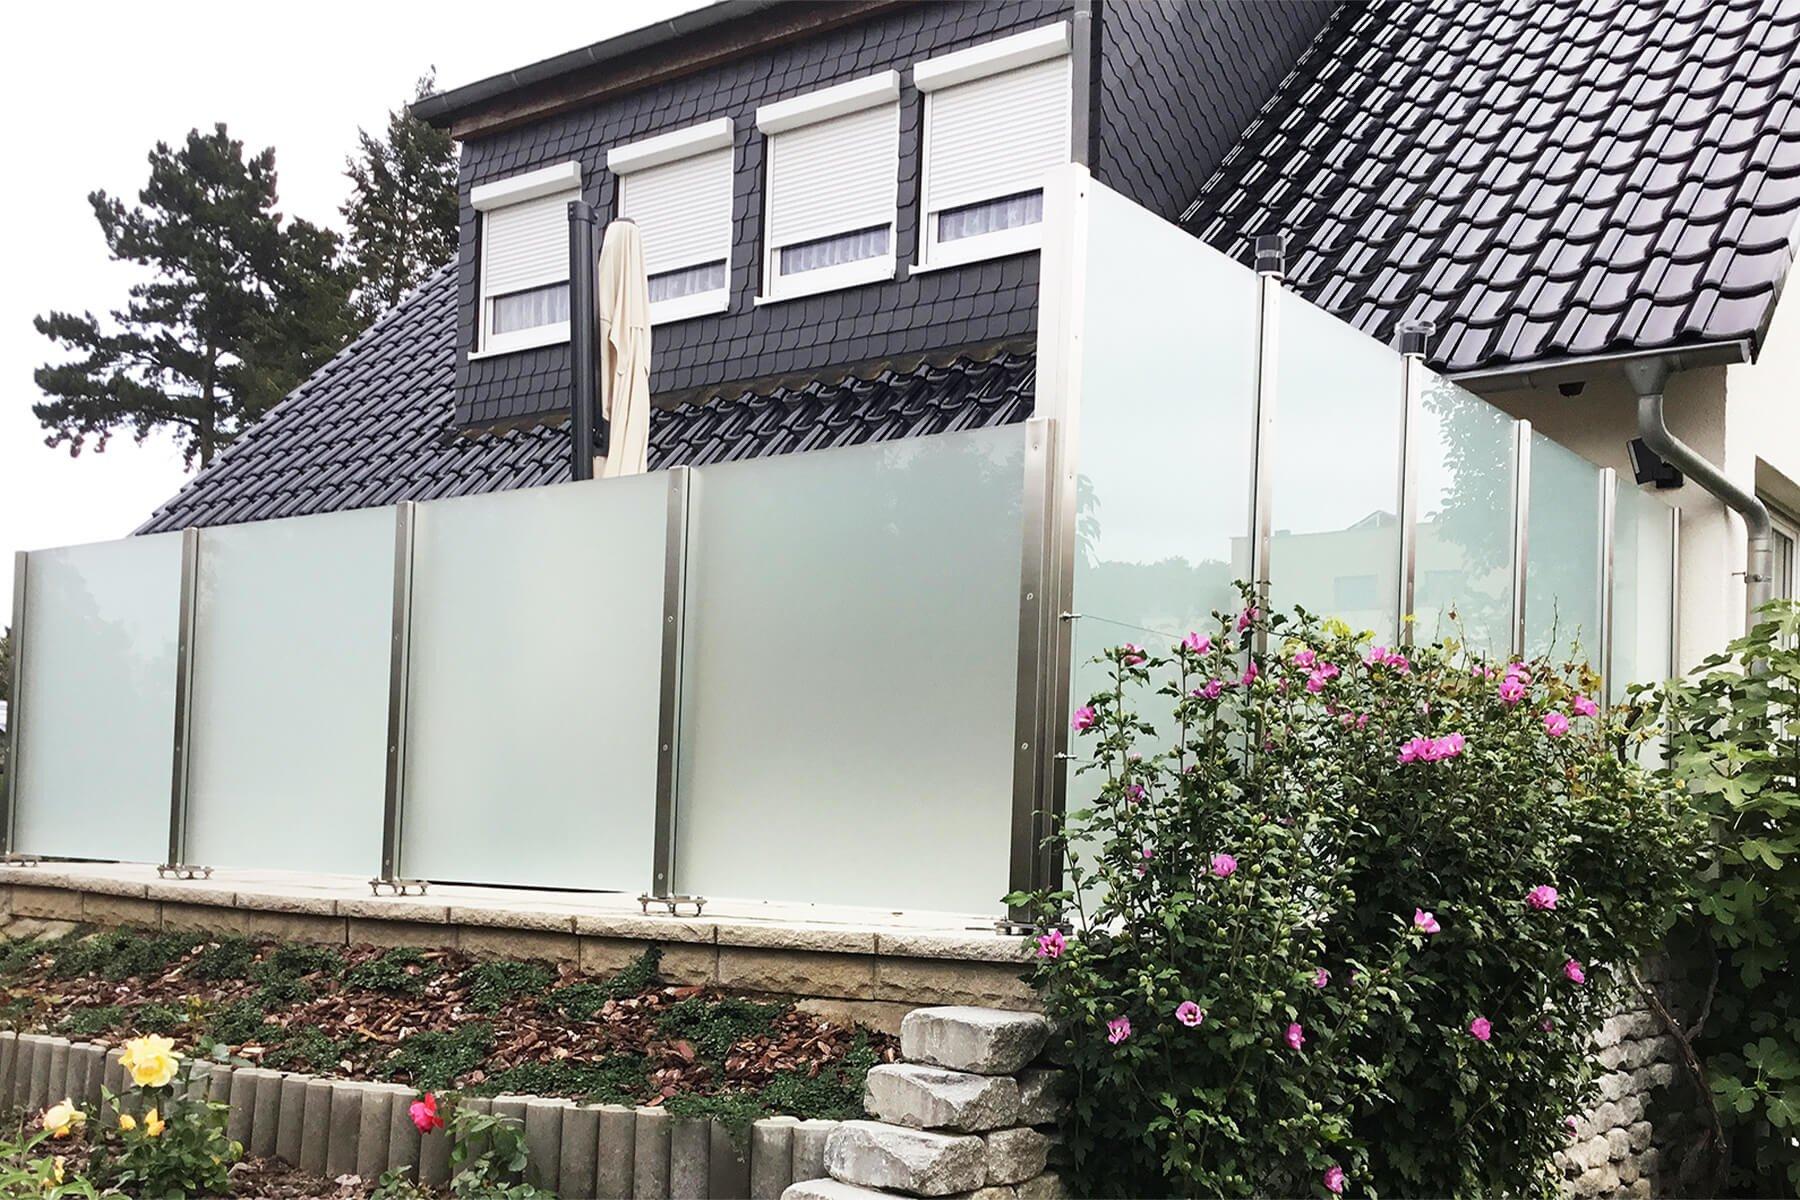 moderner-blickdichter-glaszaun-als- wind-und-sichtschutz-fuer-den-garten-oder-terasse-auch- geeignet-fuer-untergruende-mit-gefaelle